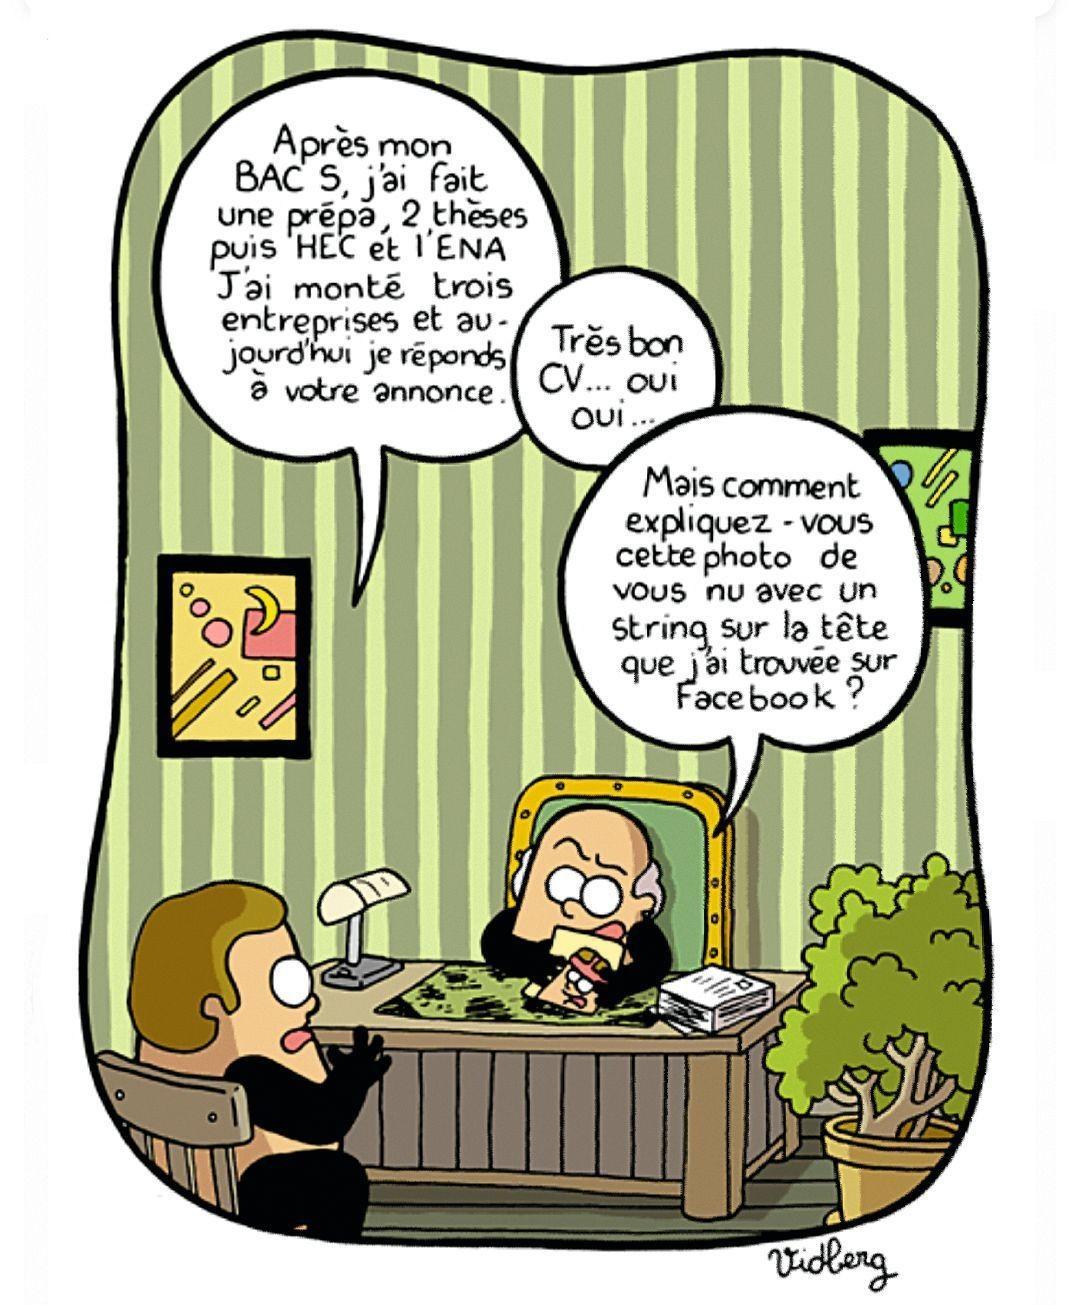 Martin Vidberg, « Faut-il s'inscrire sur Facebook ? », dessin sur LeMonde.fr, 20 février 2009.